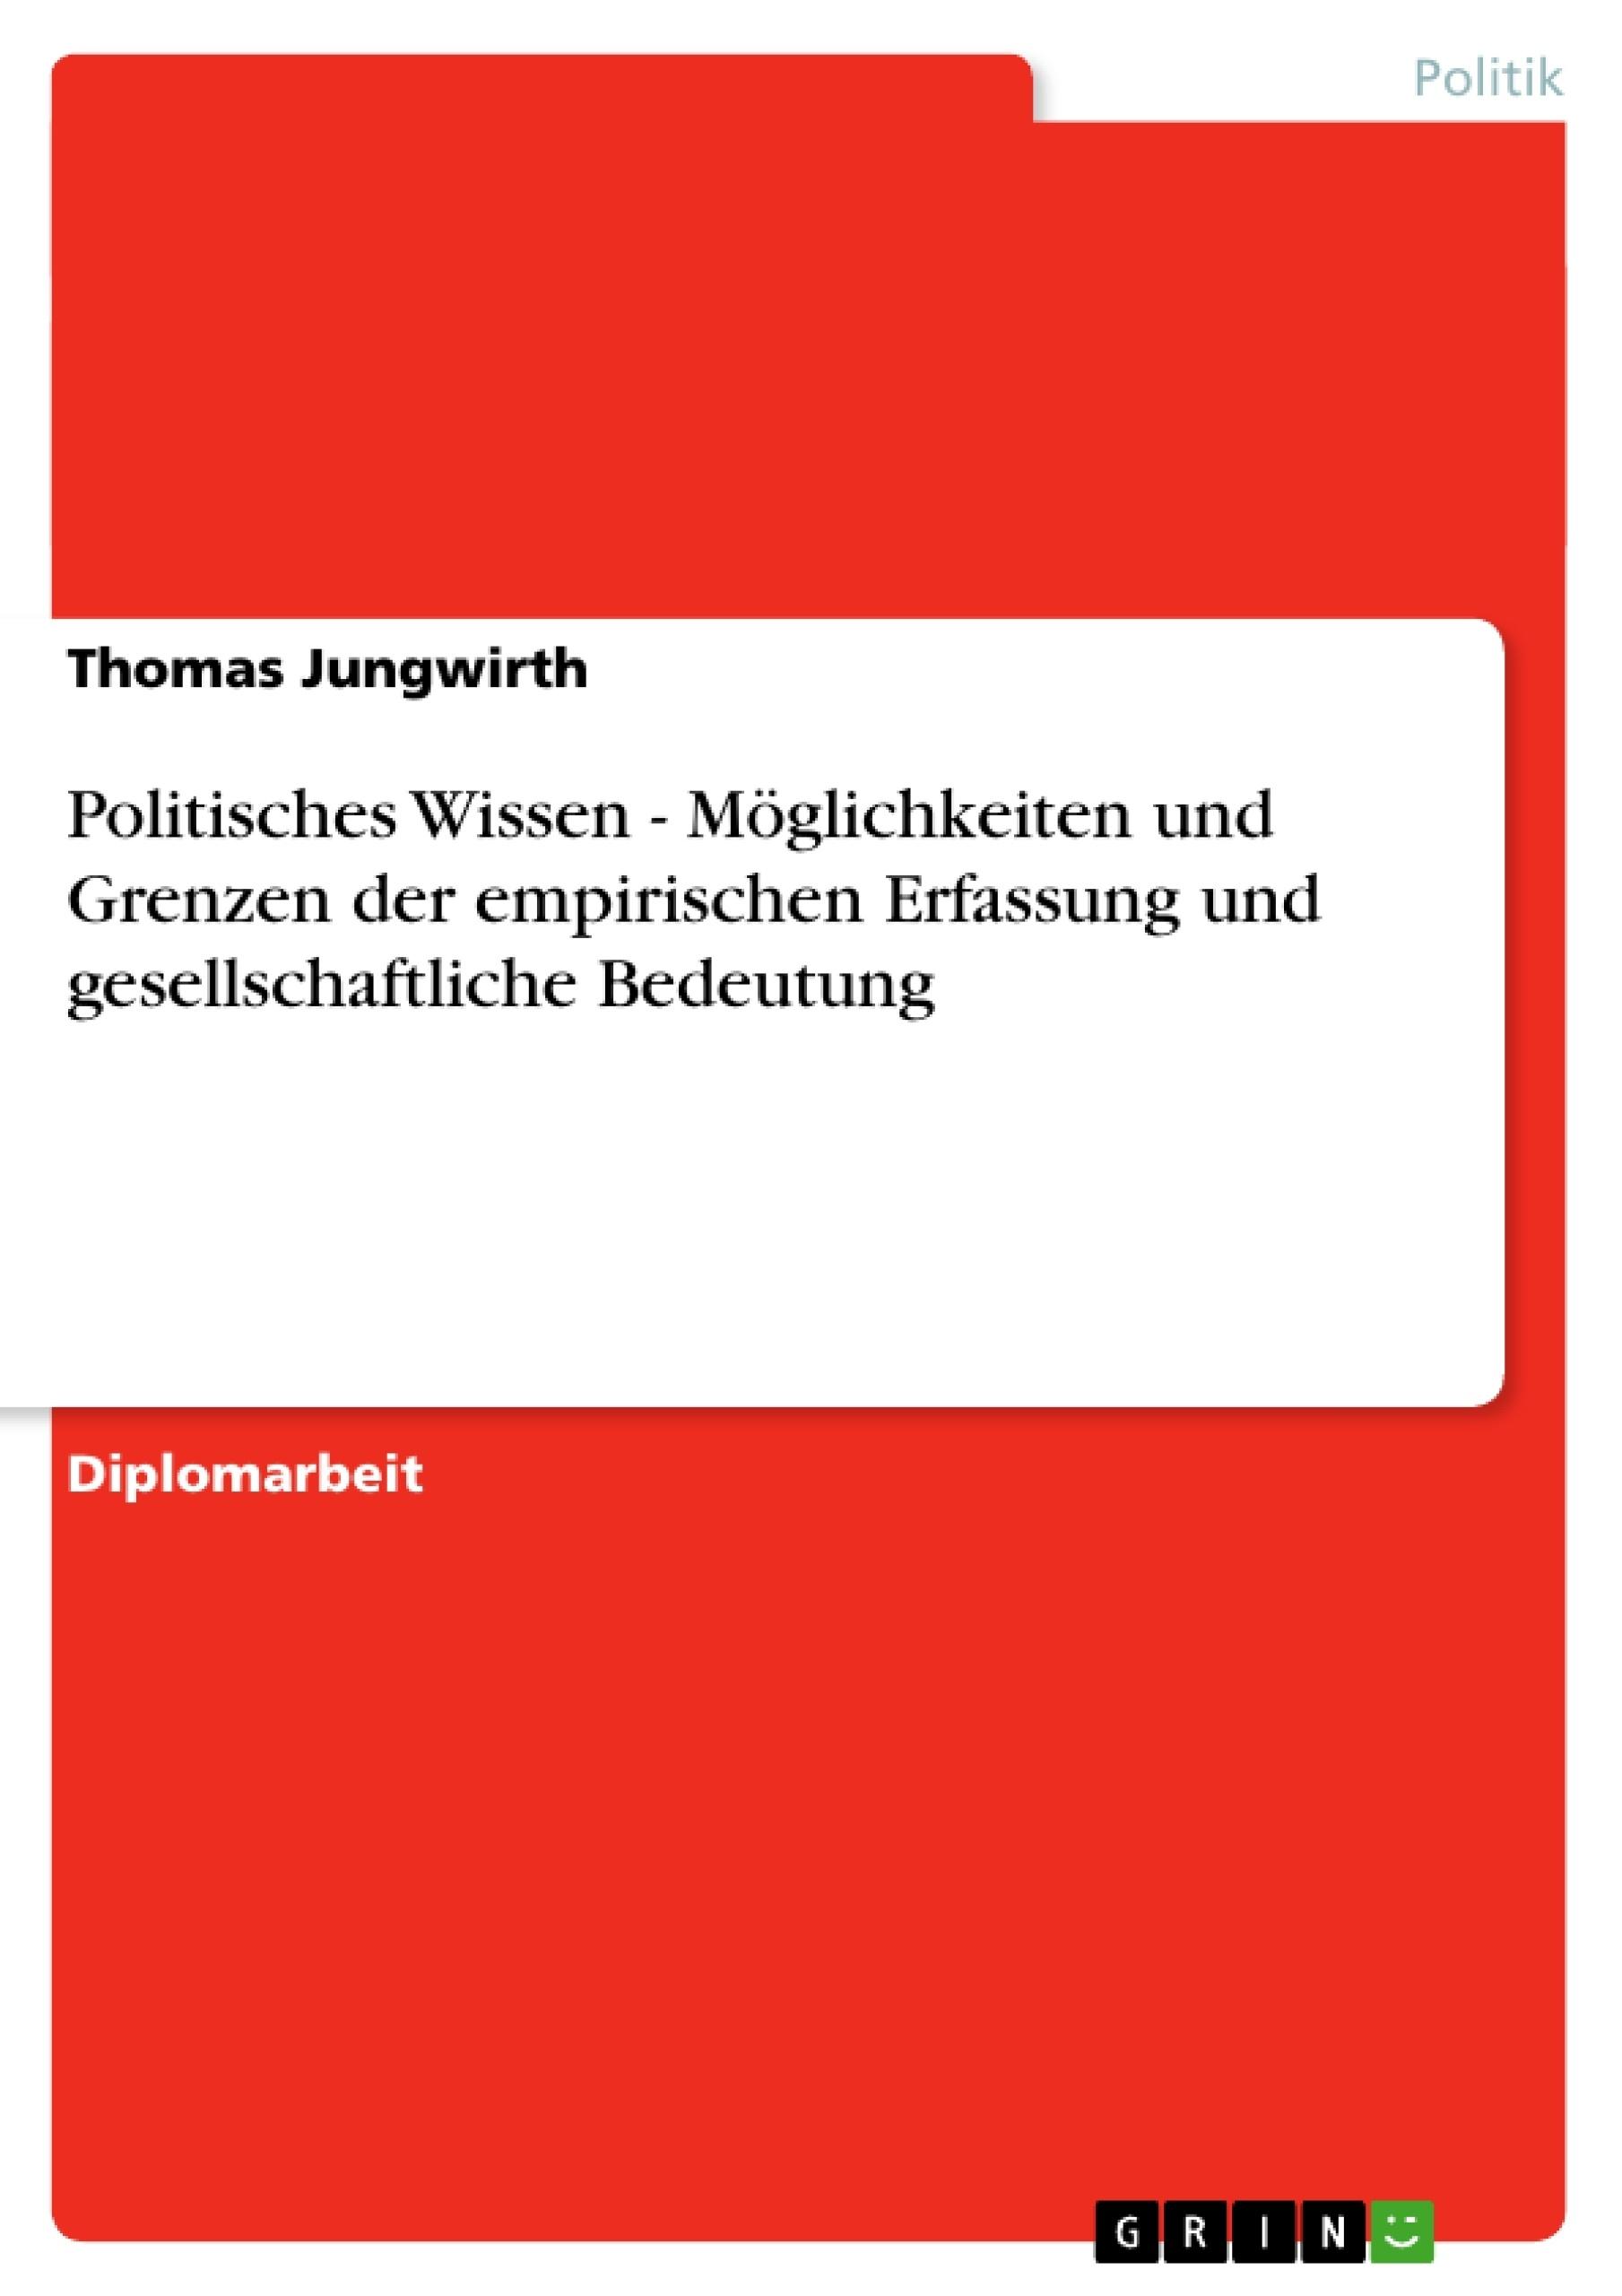 Titel: Politisches Wissen - Möglichkeiten und Grenzen der empirischen Erfassung und gesellschaftliche Bedeutung